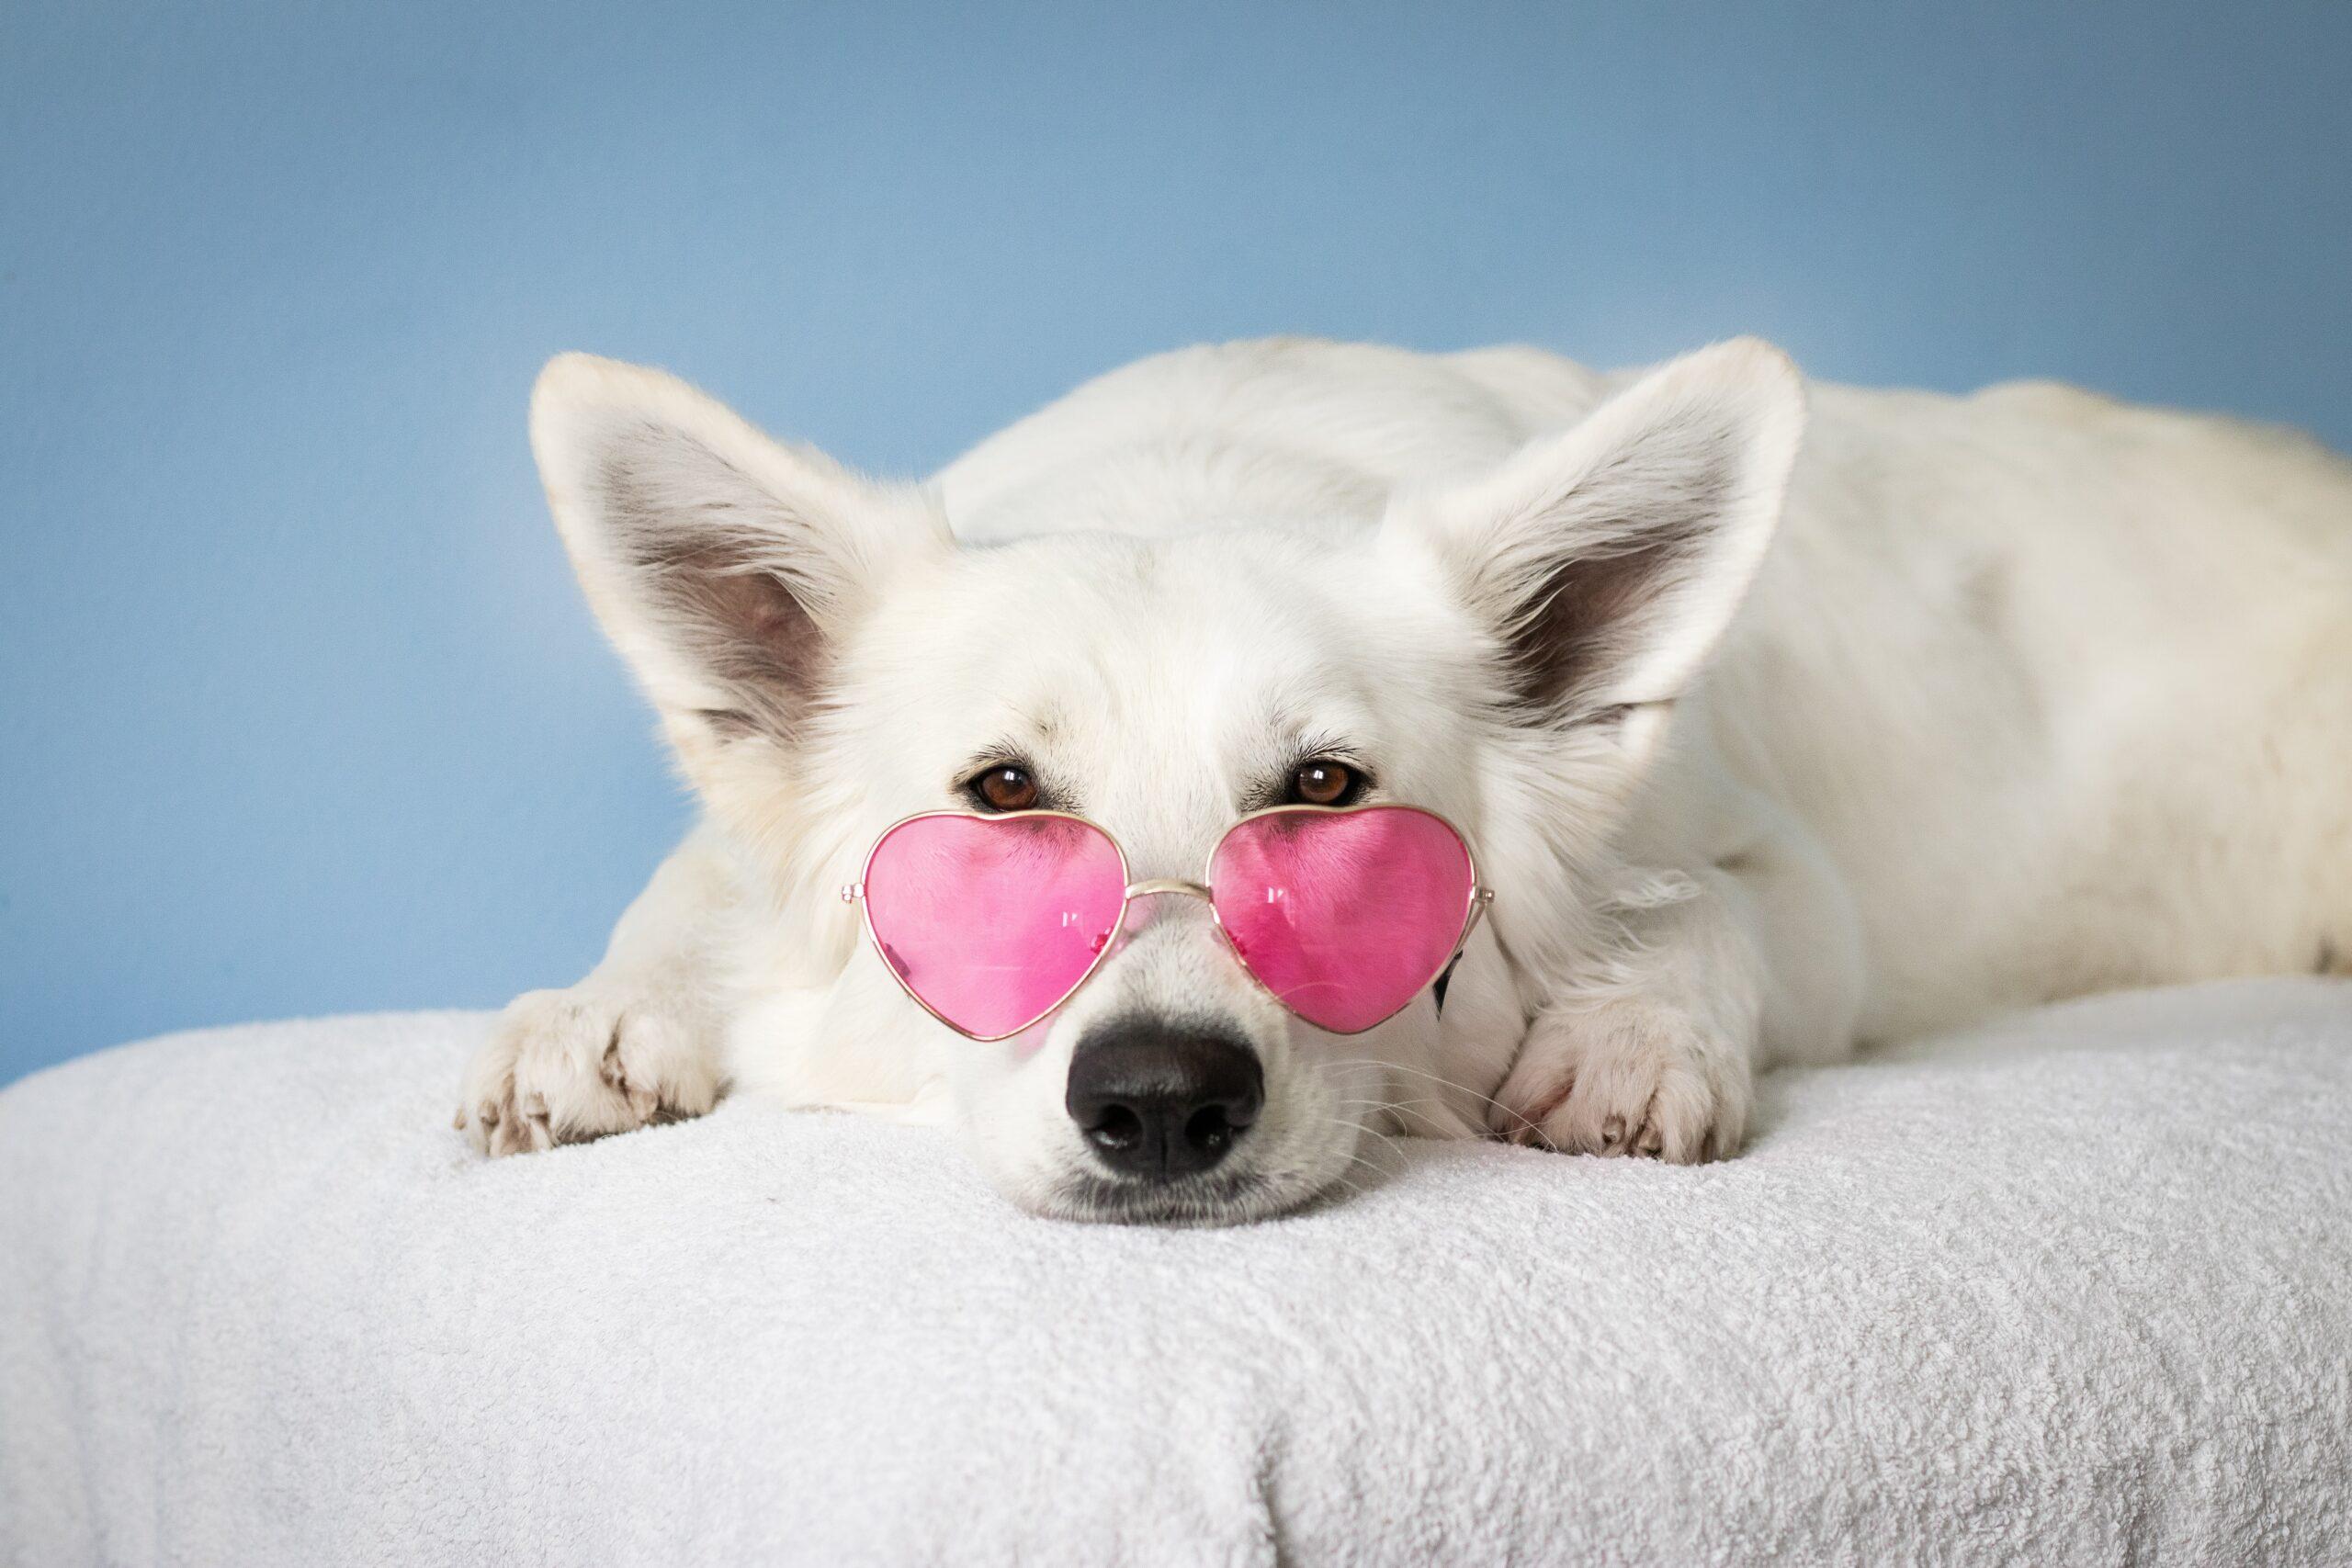 ピンク色のサングラスをかけて、こちらをじっと見つめる、耳のピンとたった白い毛並みの犬